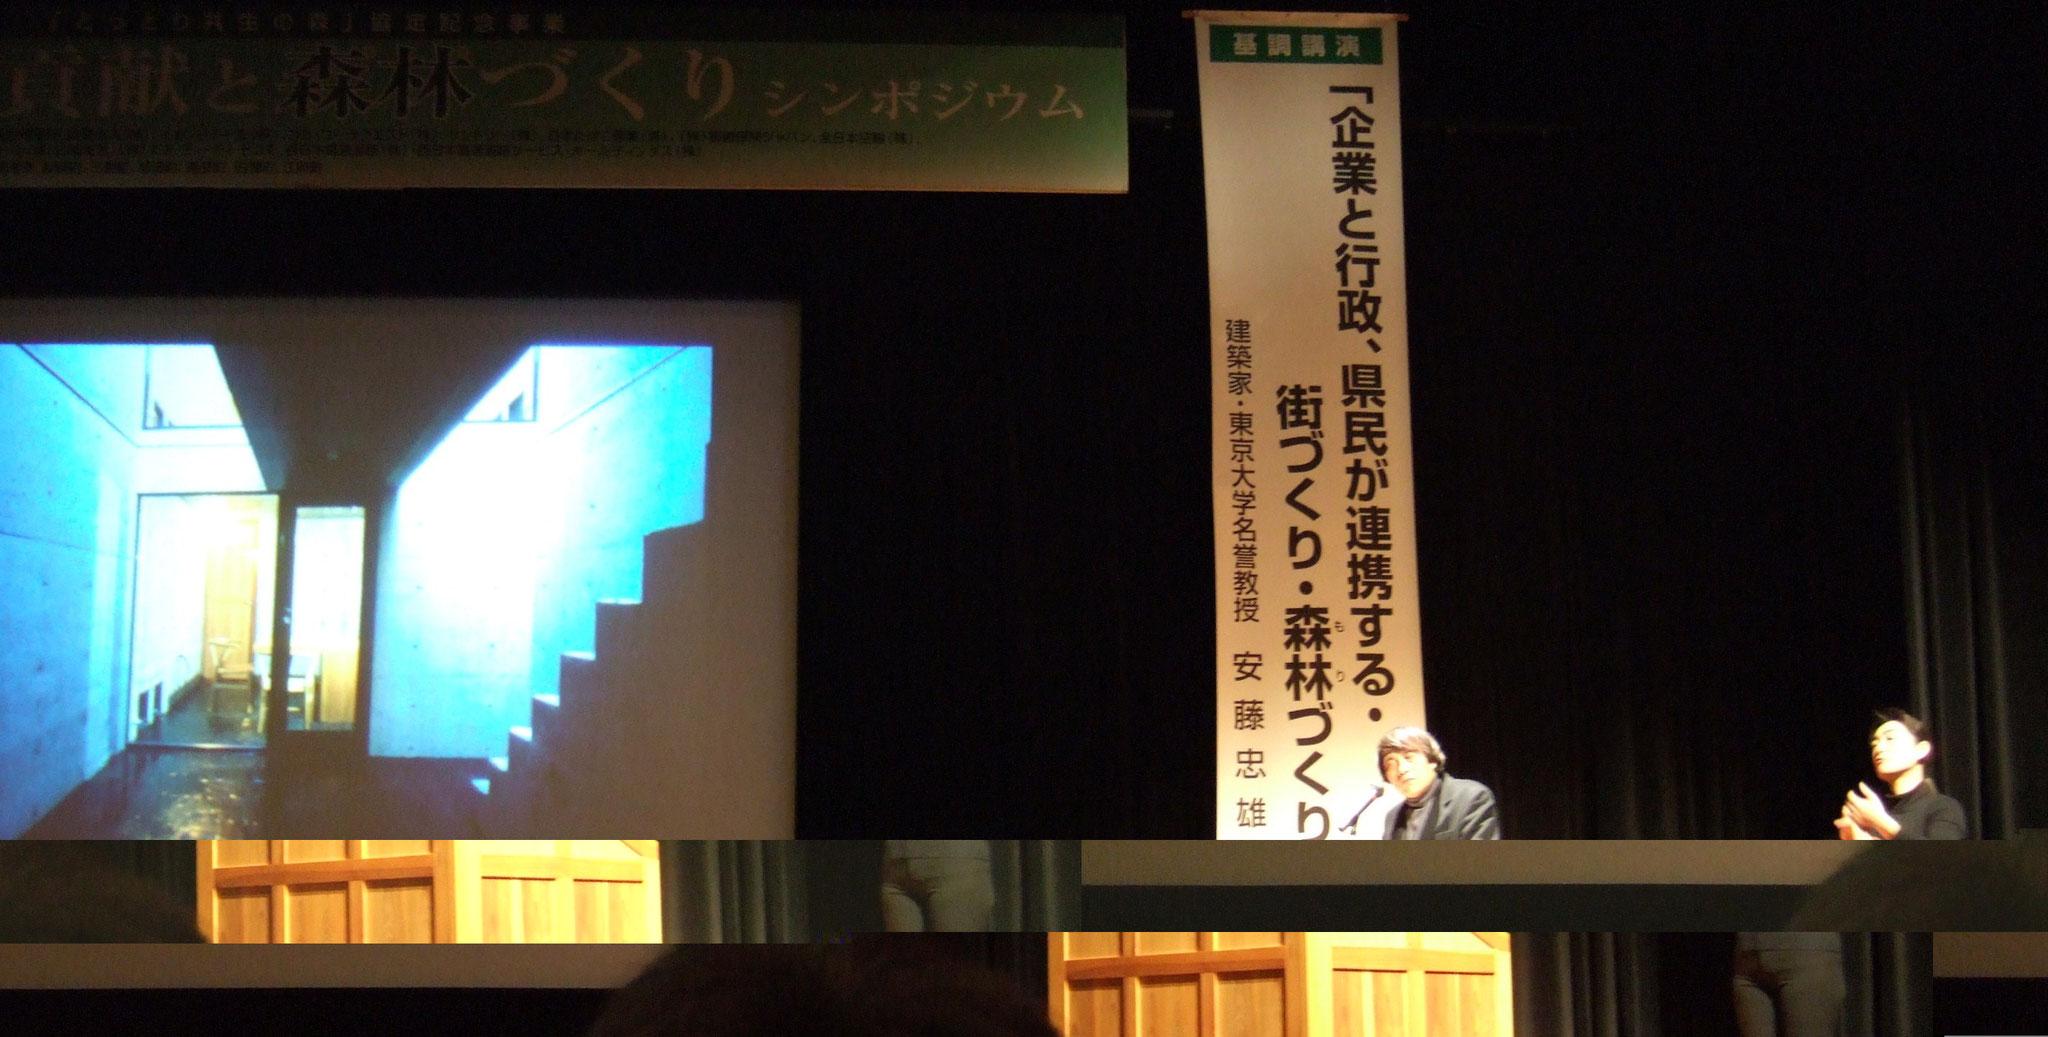 安藤忠雄 氏<建築家・東京大学 名誉教授>のシンポジウムに生徒と参加。笑いのたえない、実に楽しい講演でした!